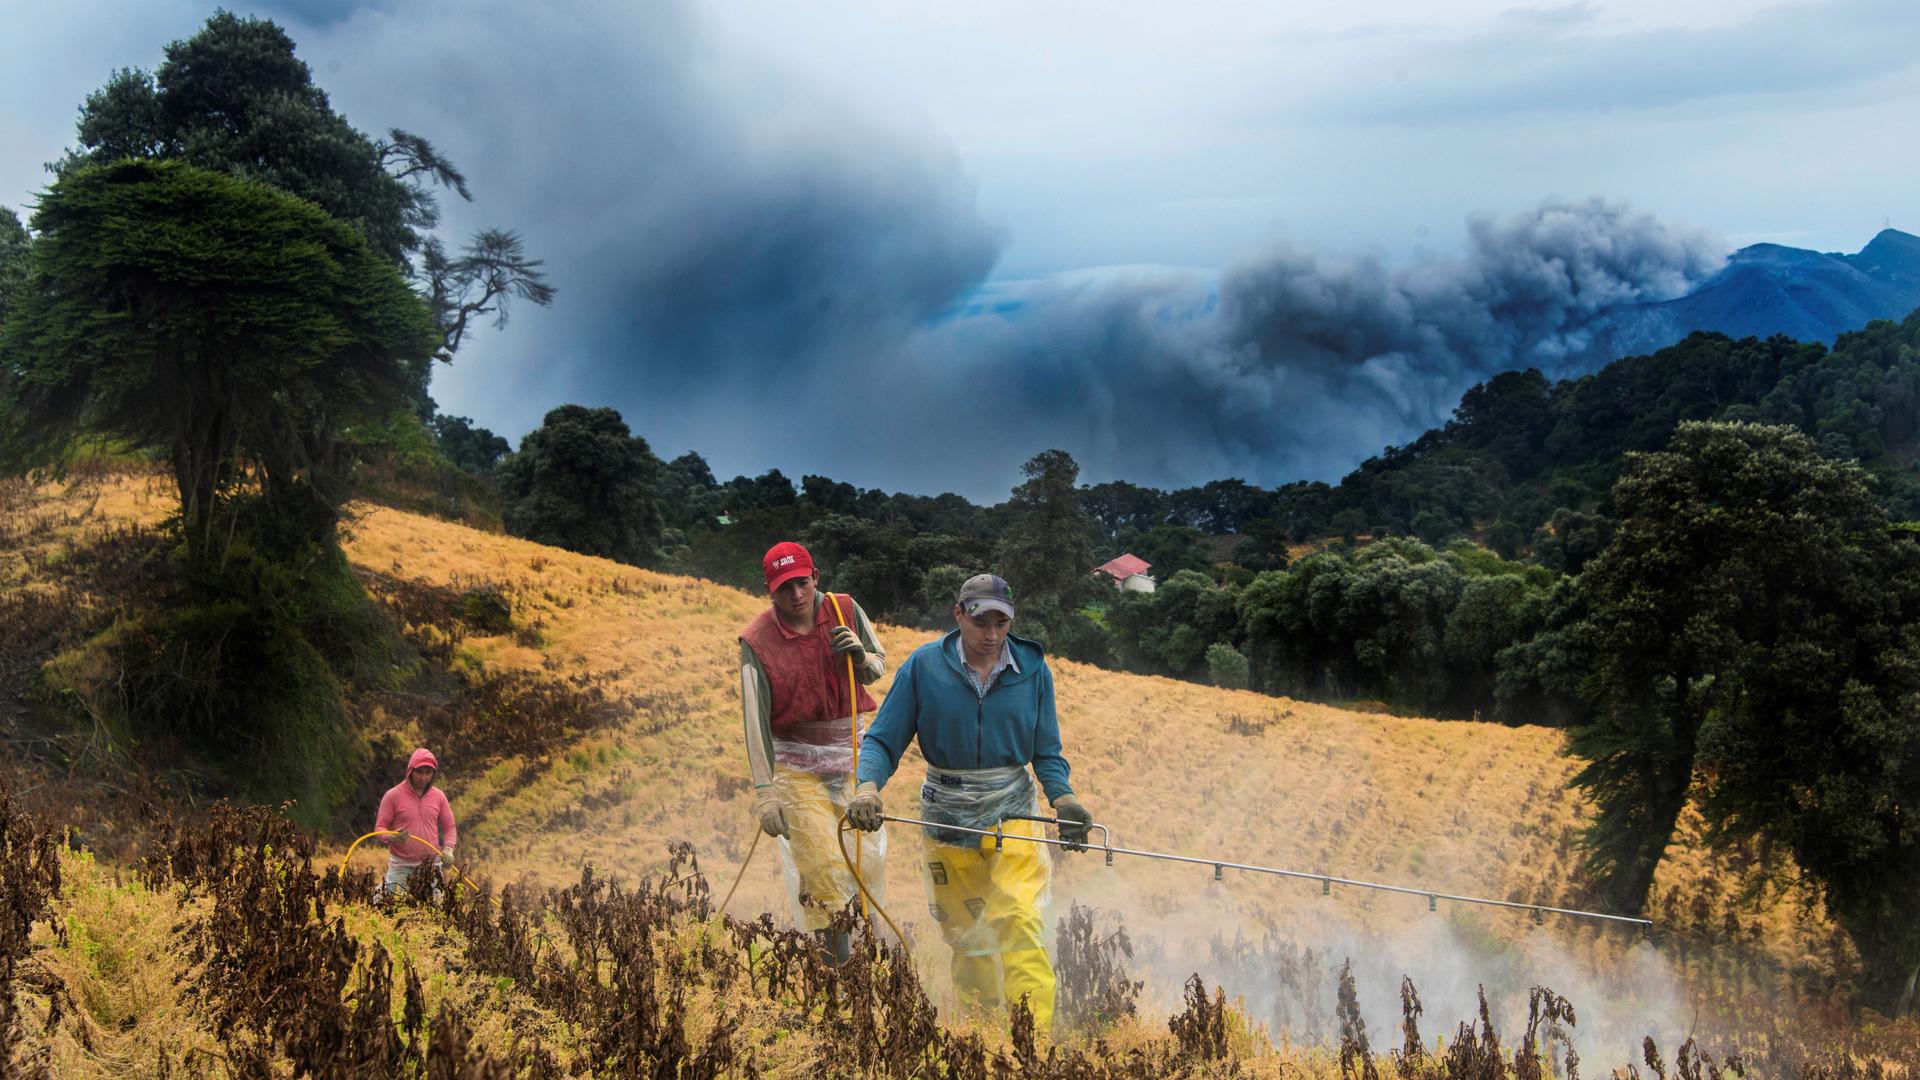 Фермеры работают у подножья вулкана Турриальба к востоку от Сан-Хосе.